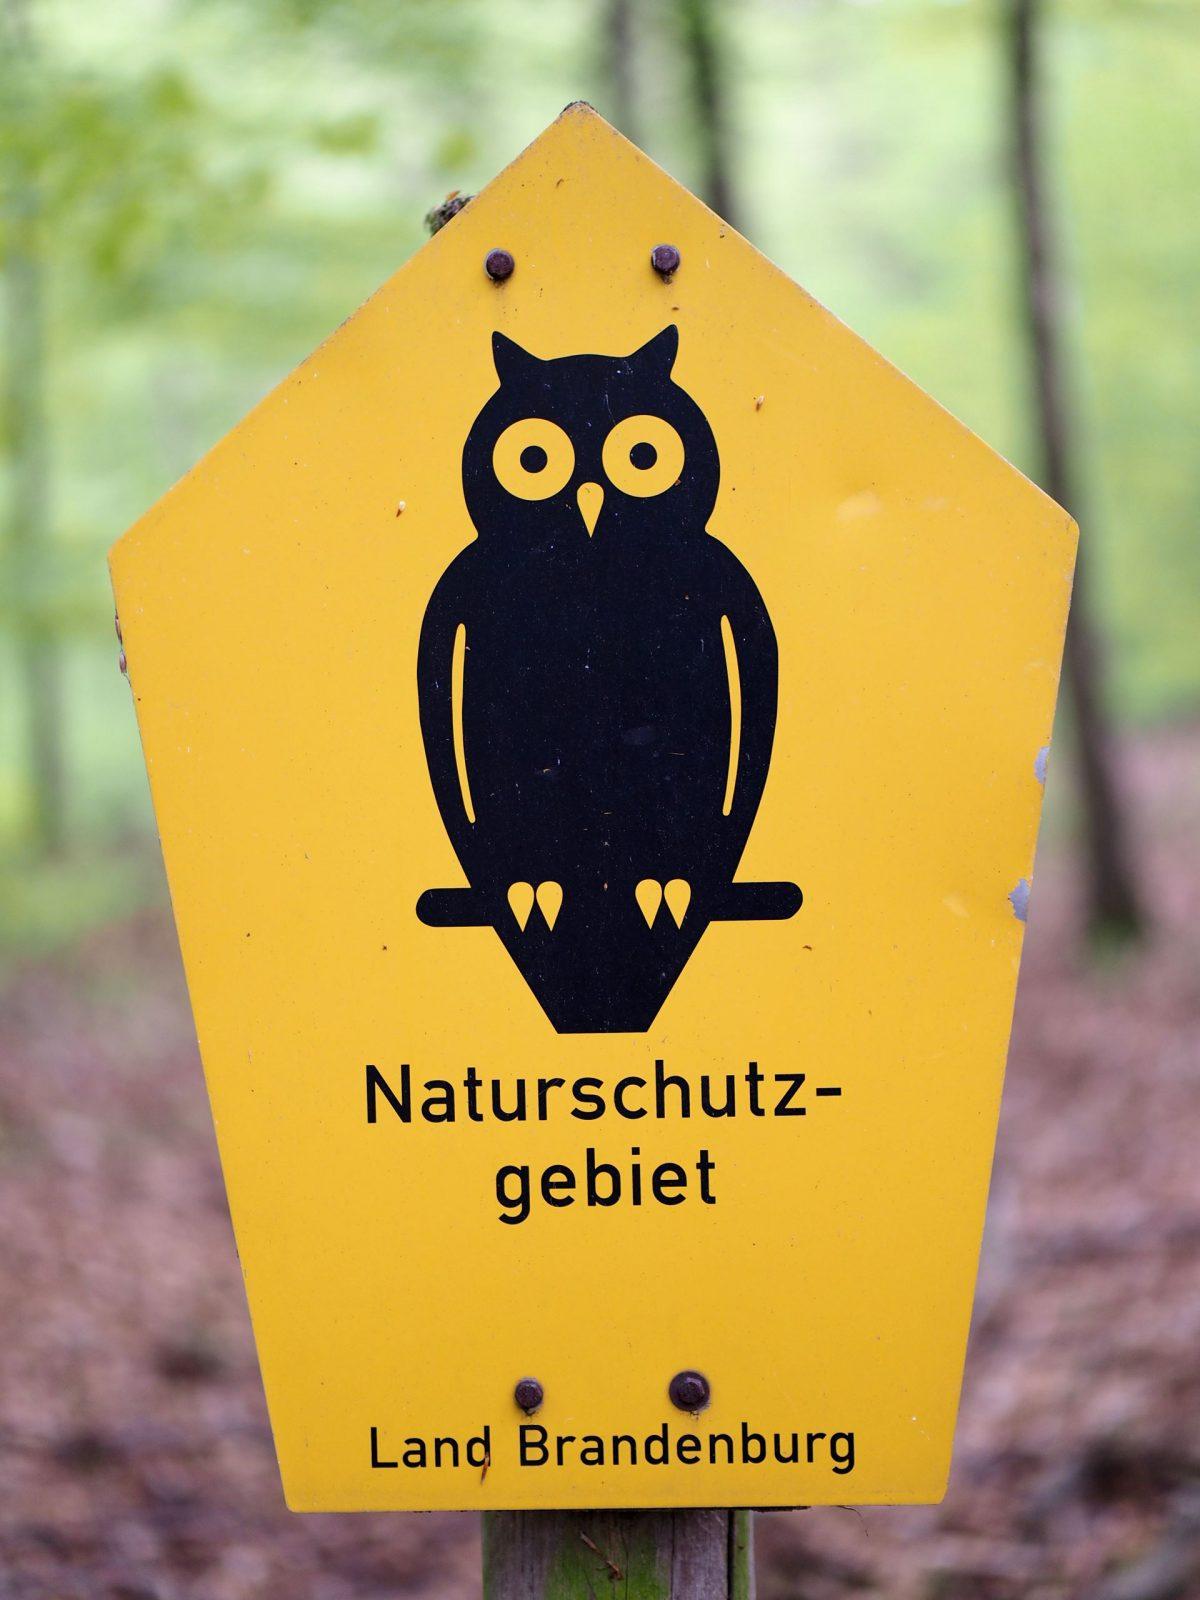 Naturschutzgebiet Brandenburg Schild